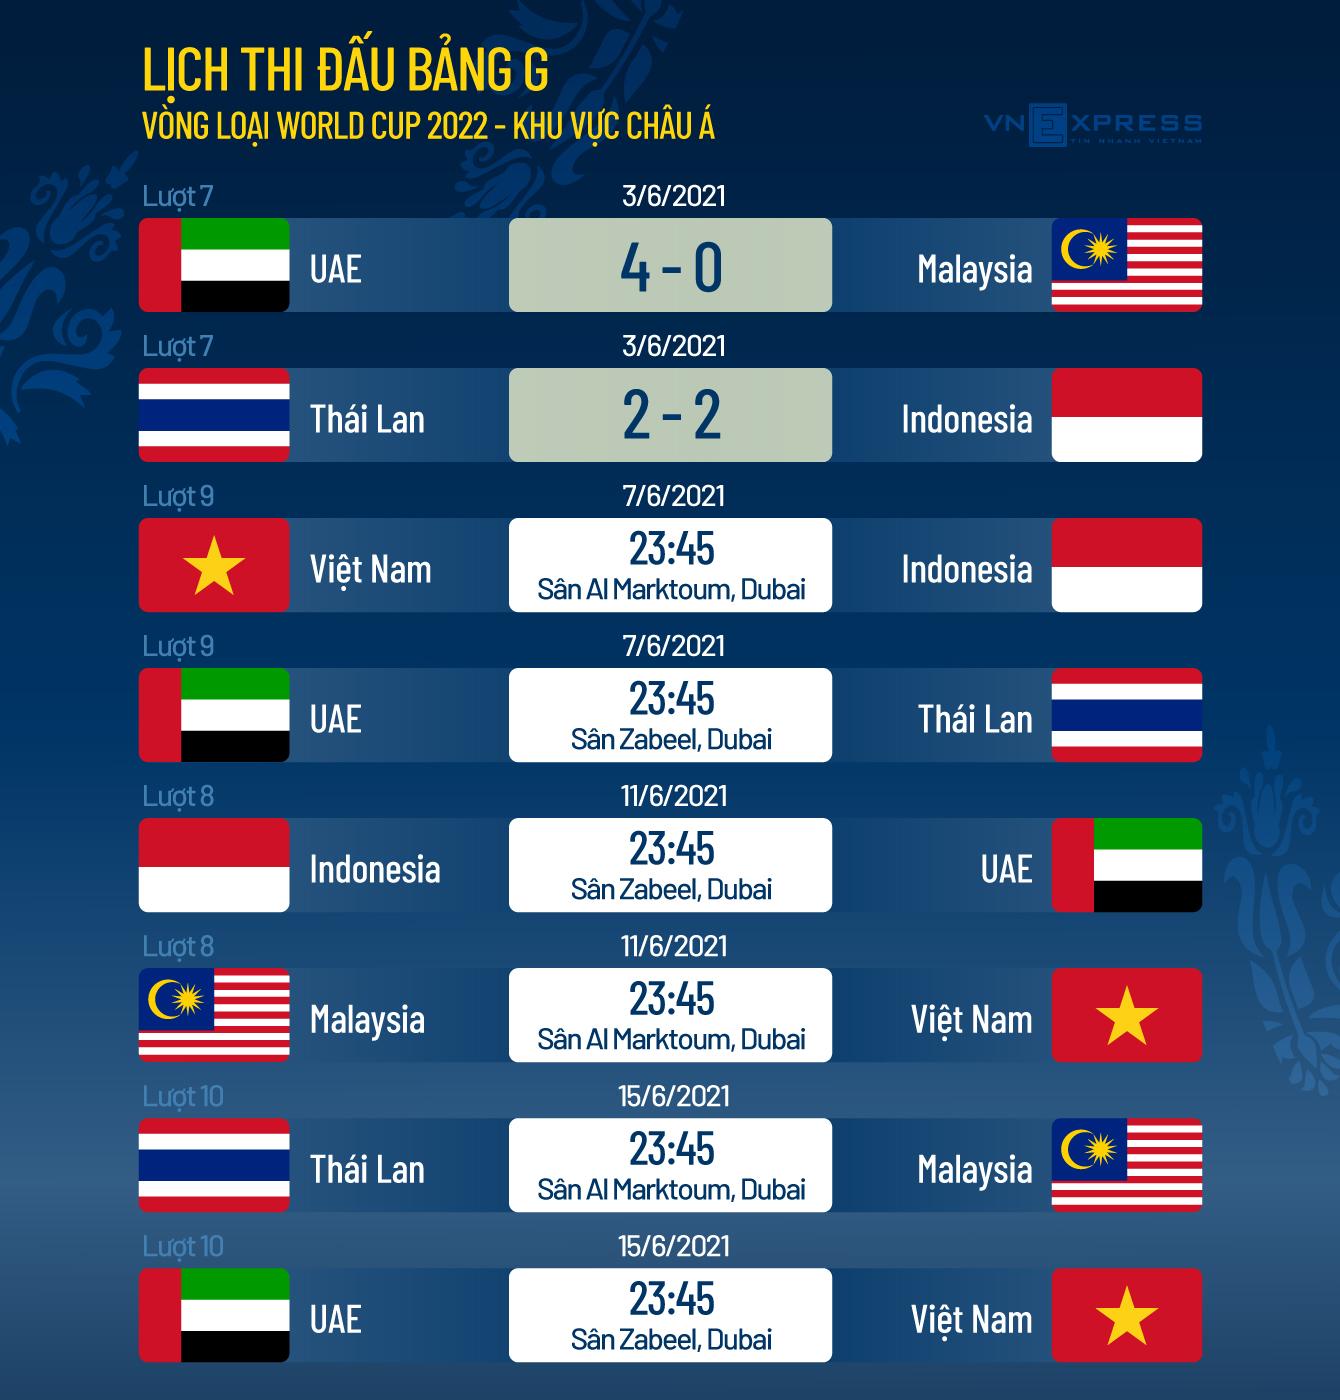 อดีตโค้ชชาวไทยวางแผนที่จะเล่น UAE - 2 . เท่านั้น